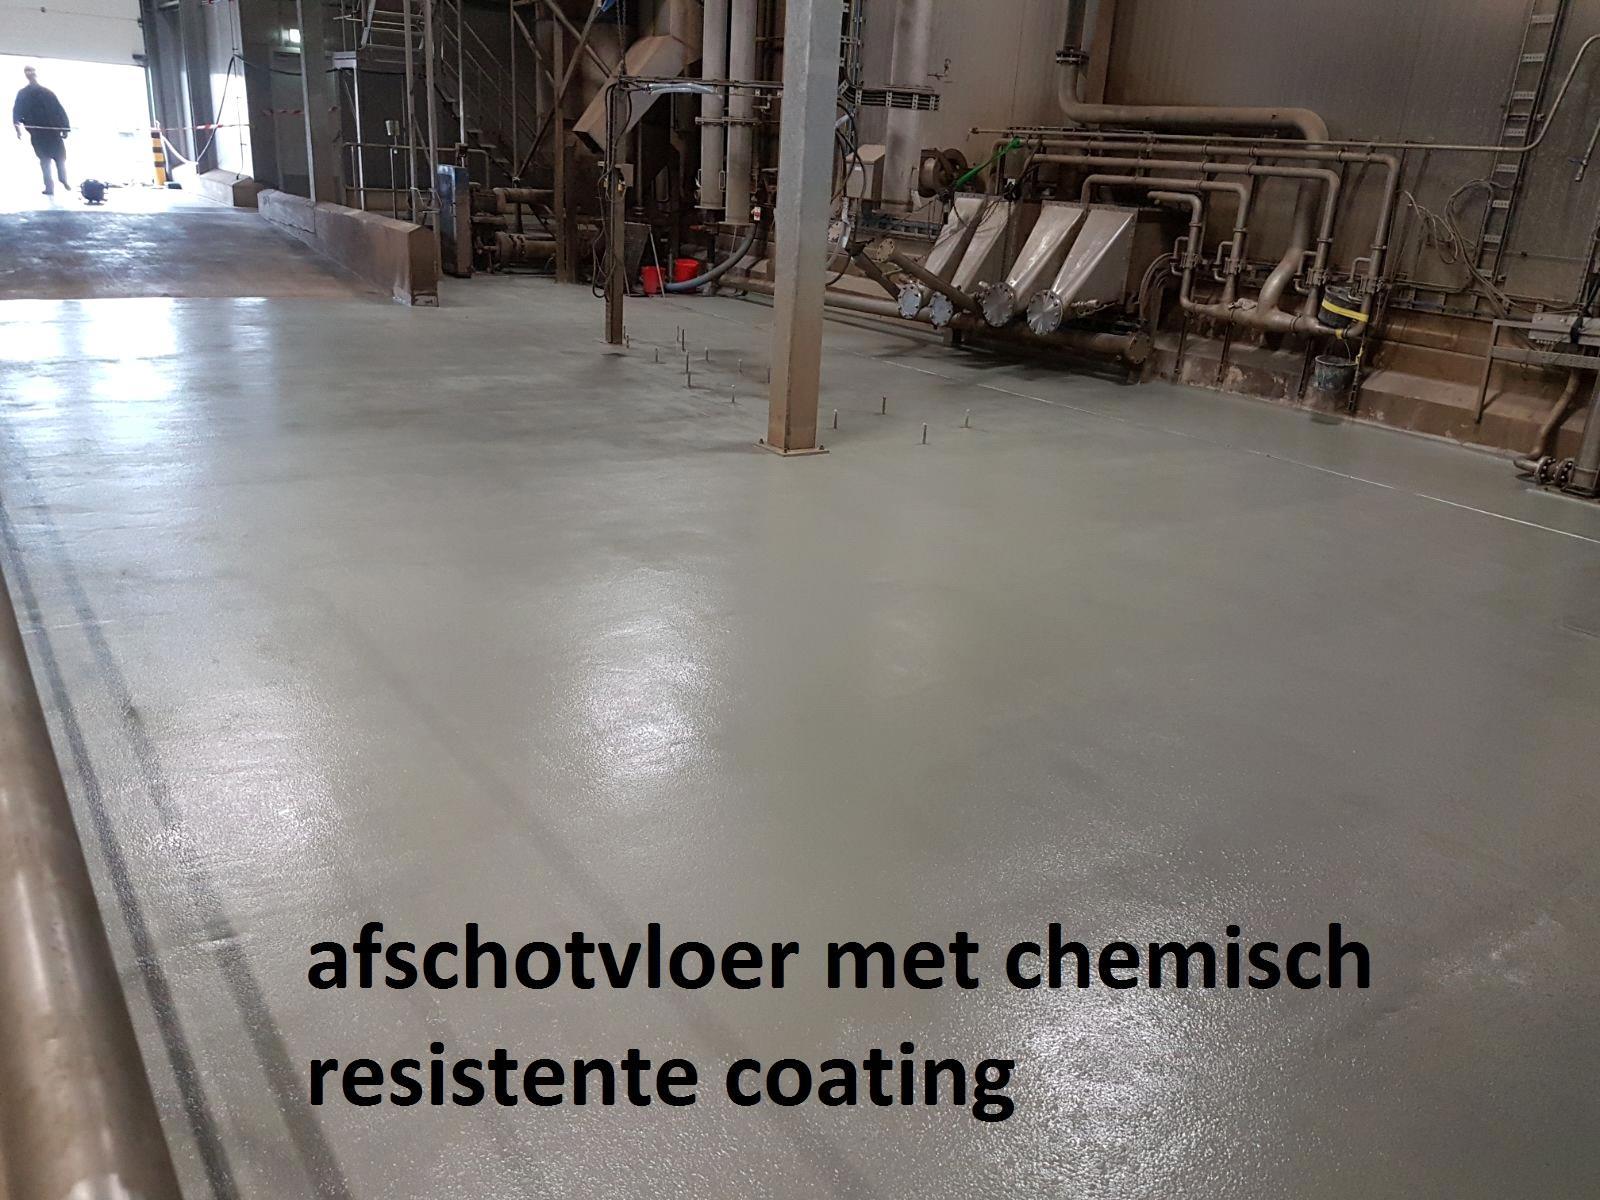 afschot met chemisch resistente coating